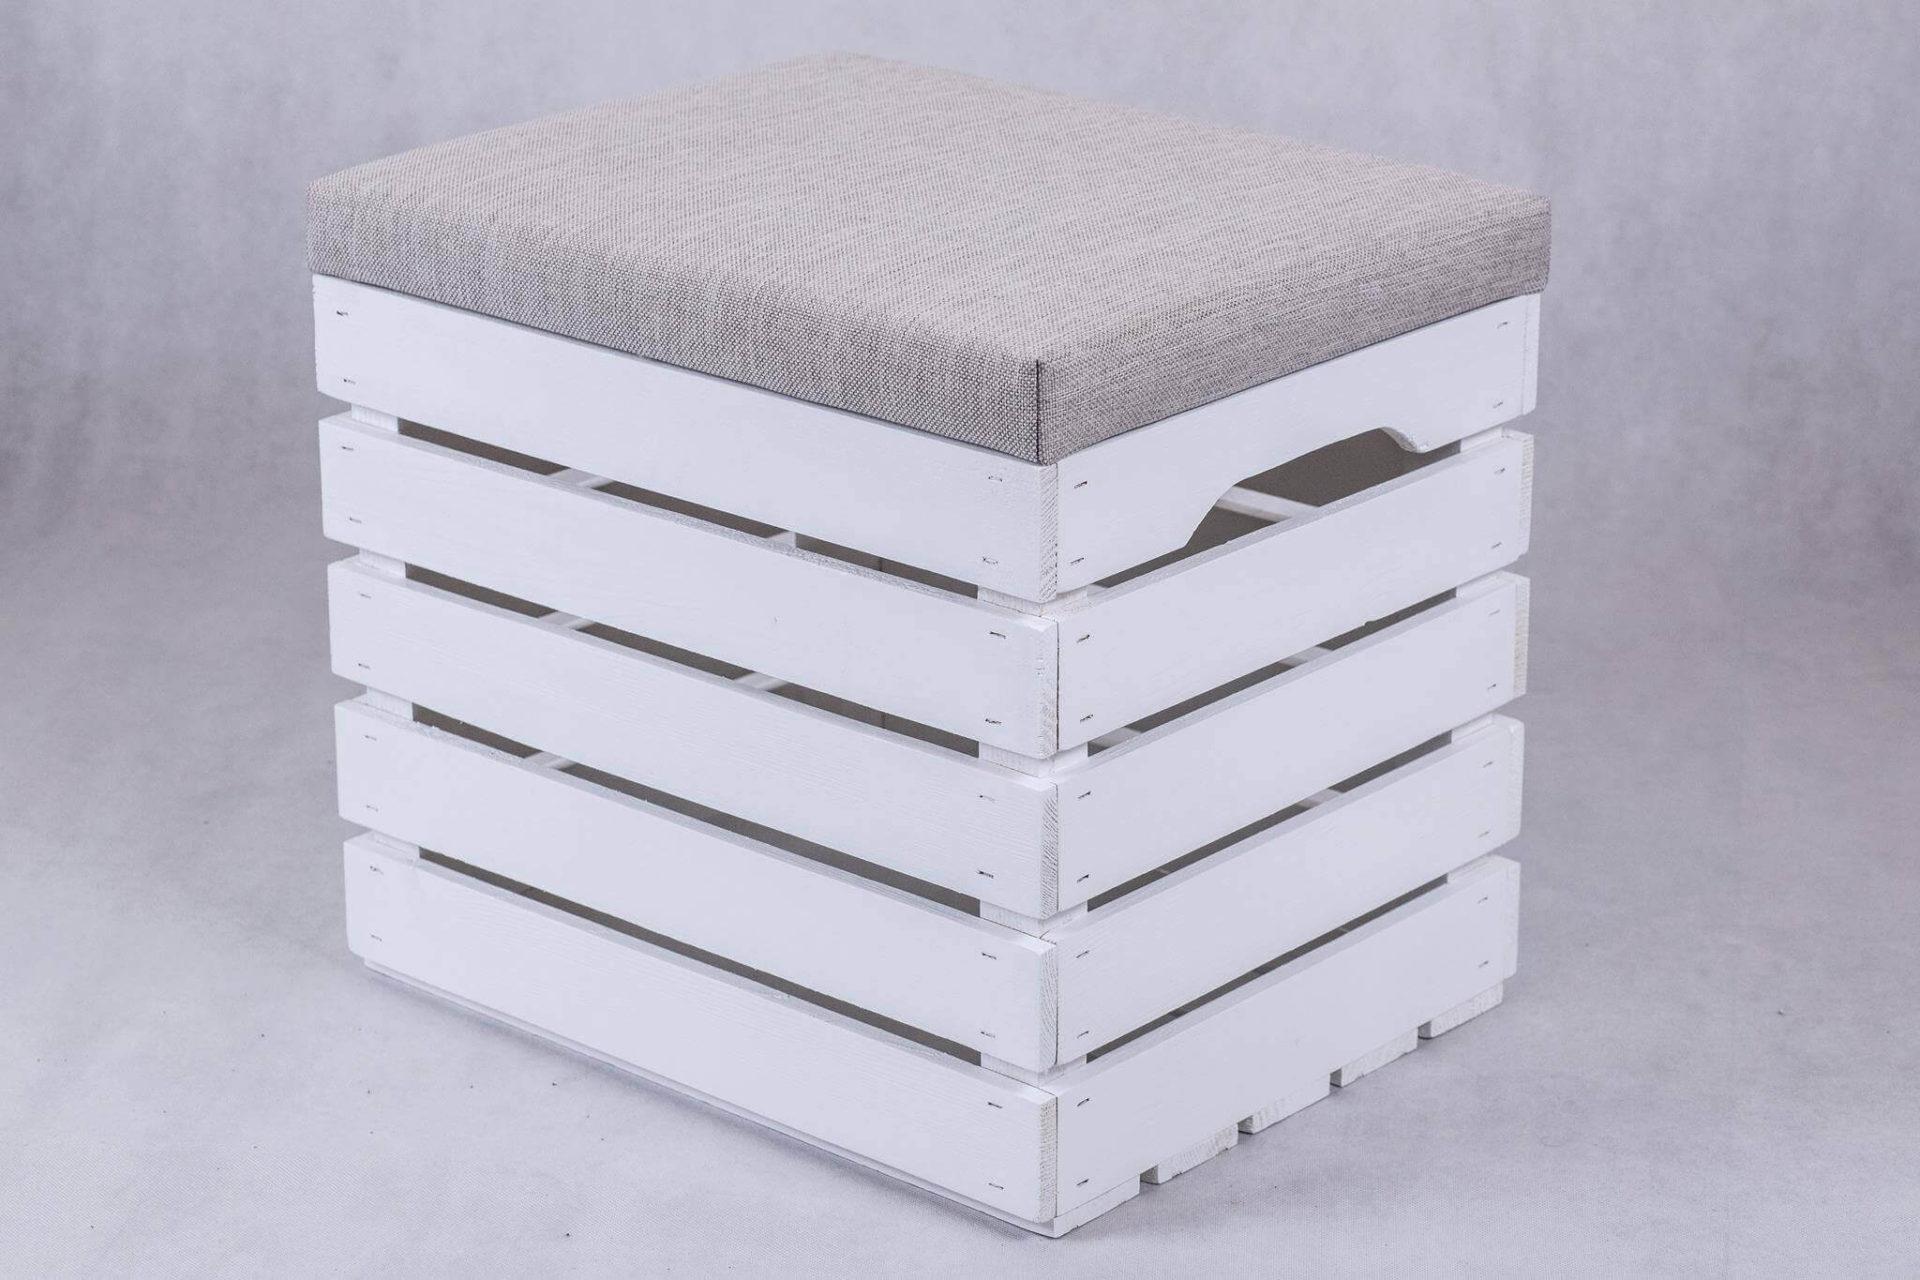 Skrzynia biała tapicerowana